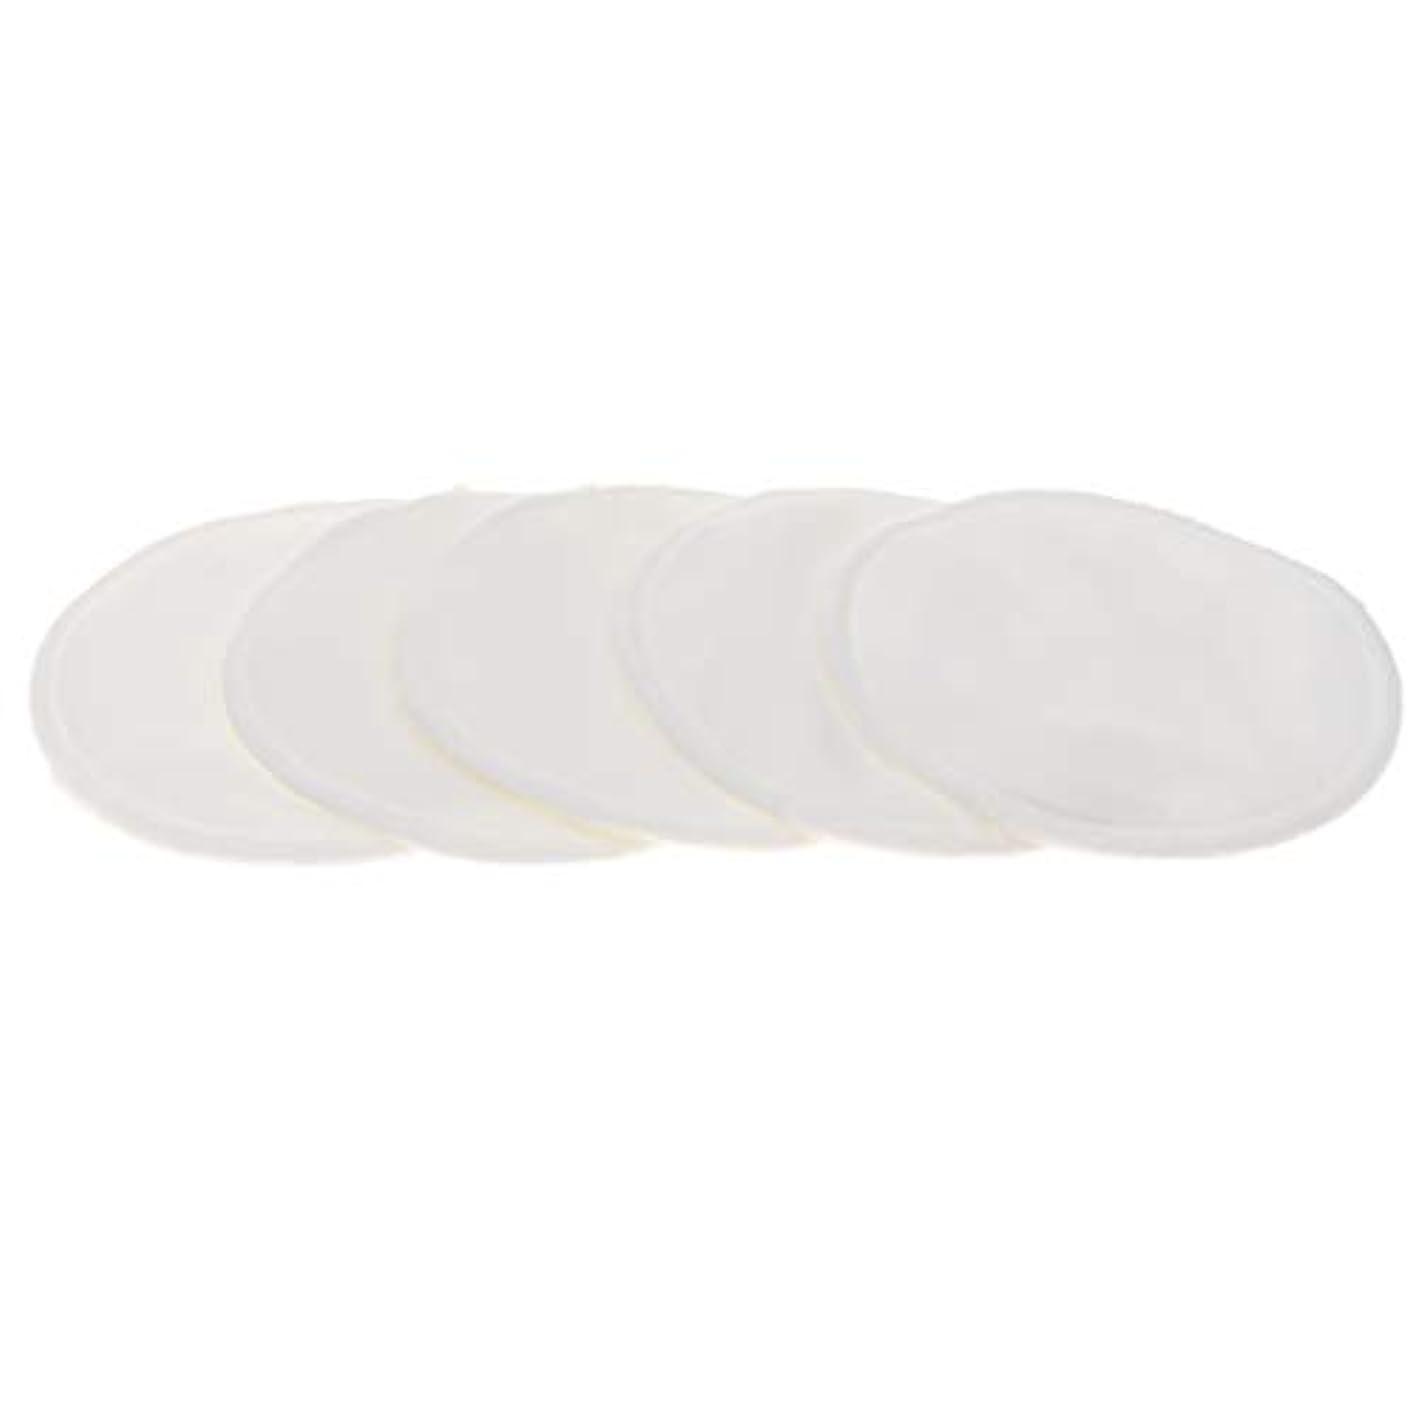 きゅうり滝海港胸パッド クレンジングシート メイク落とし用 竹繊維 円形 12cm 吸収性 再使用可能 5個 全5色 - 白